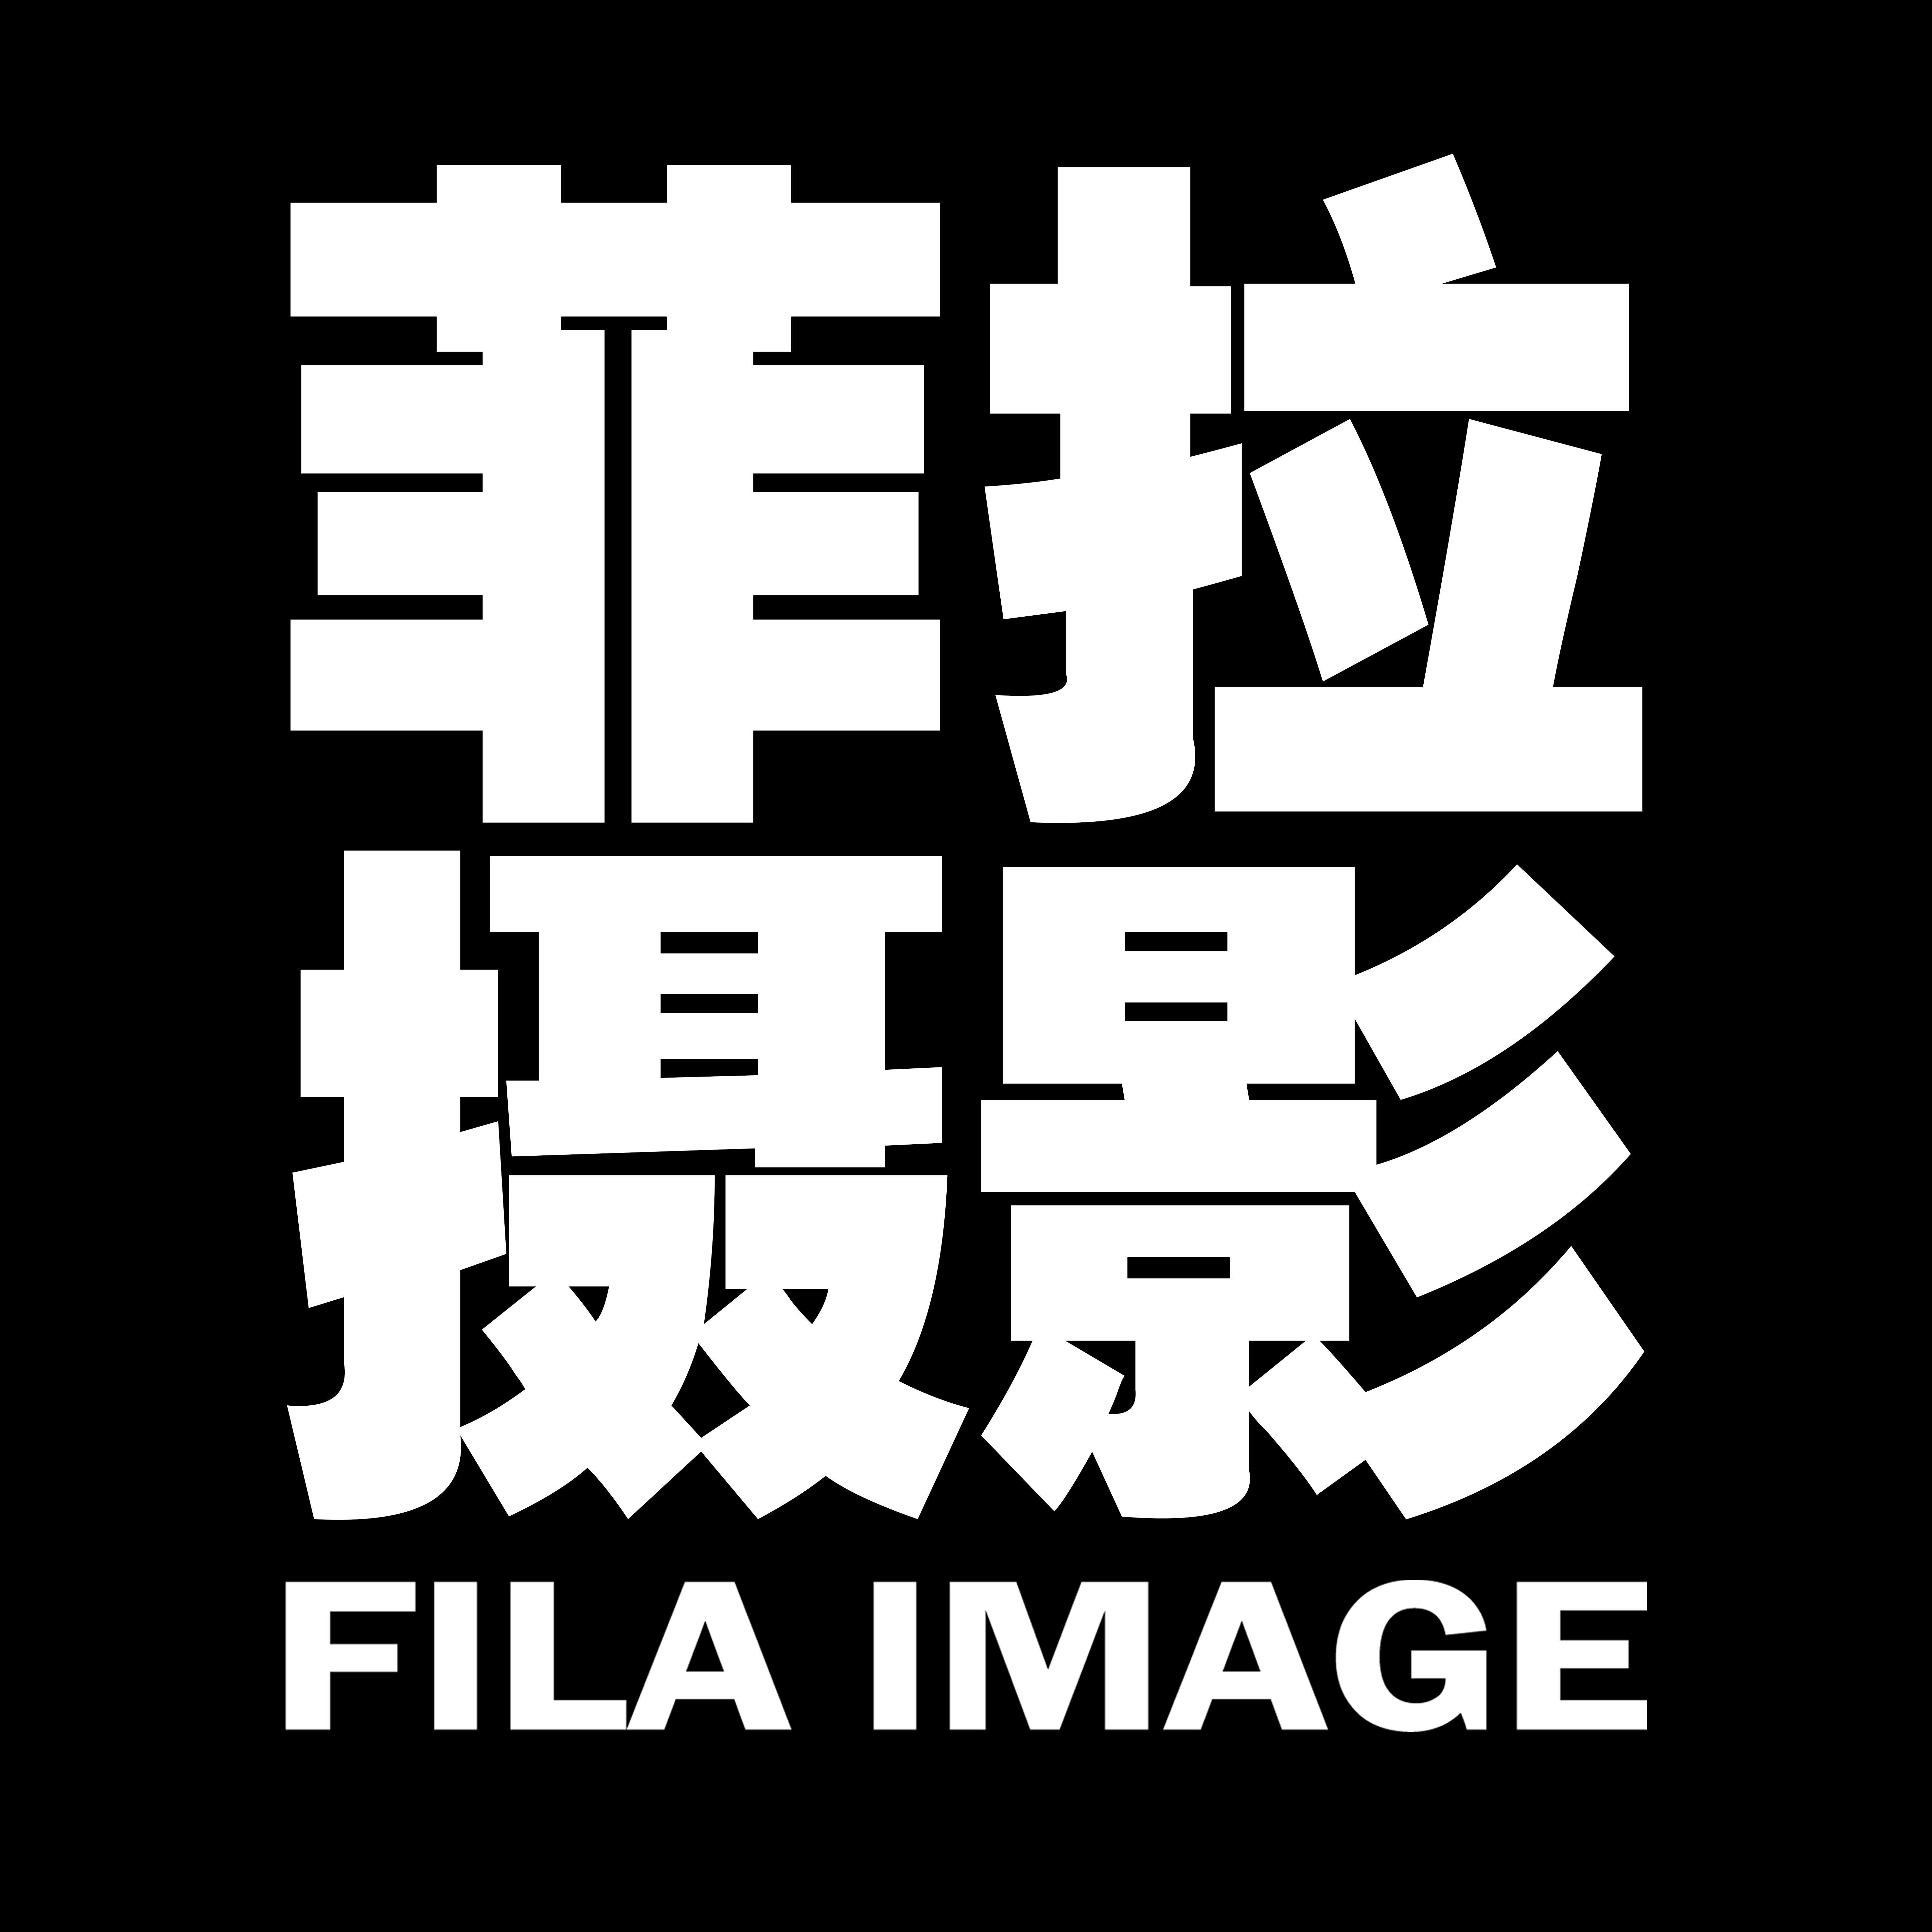 菲拉IMAGE 天津明星店